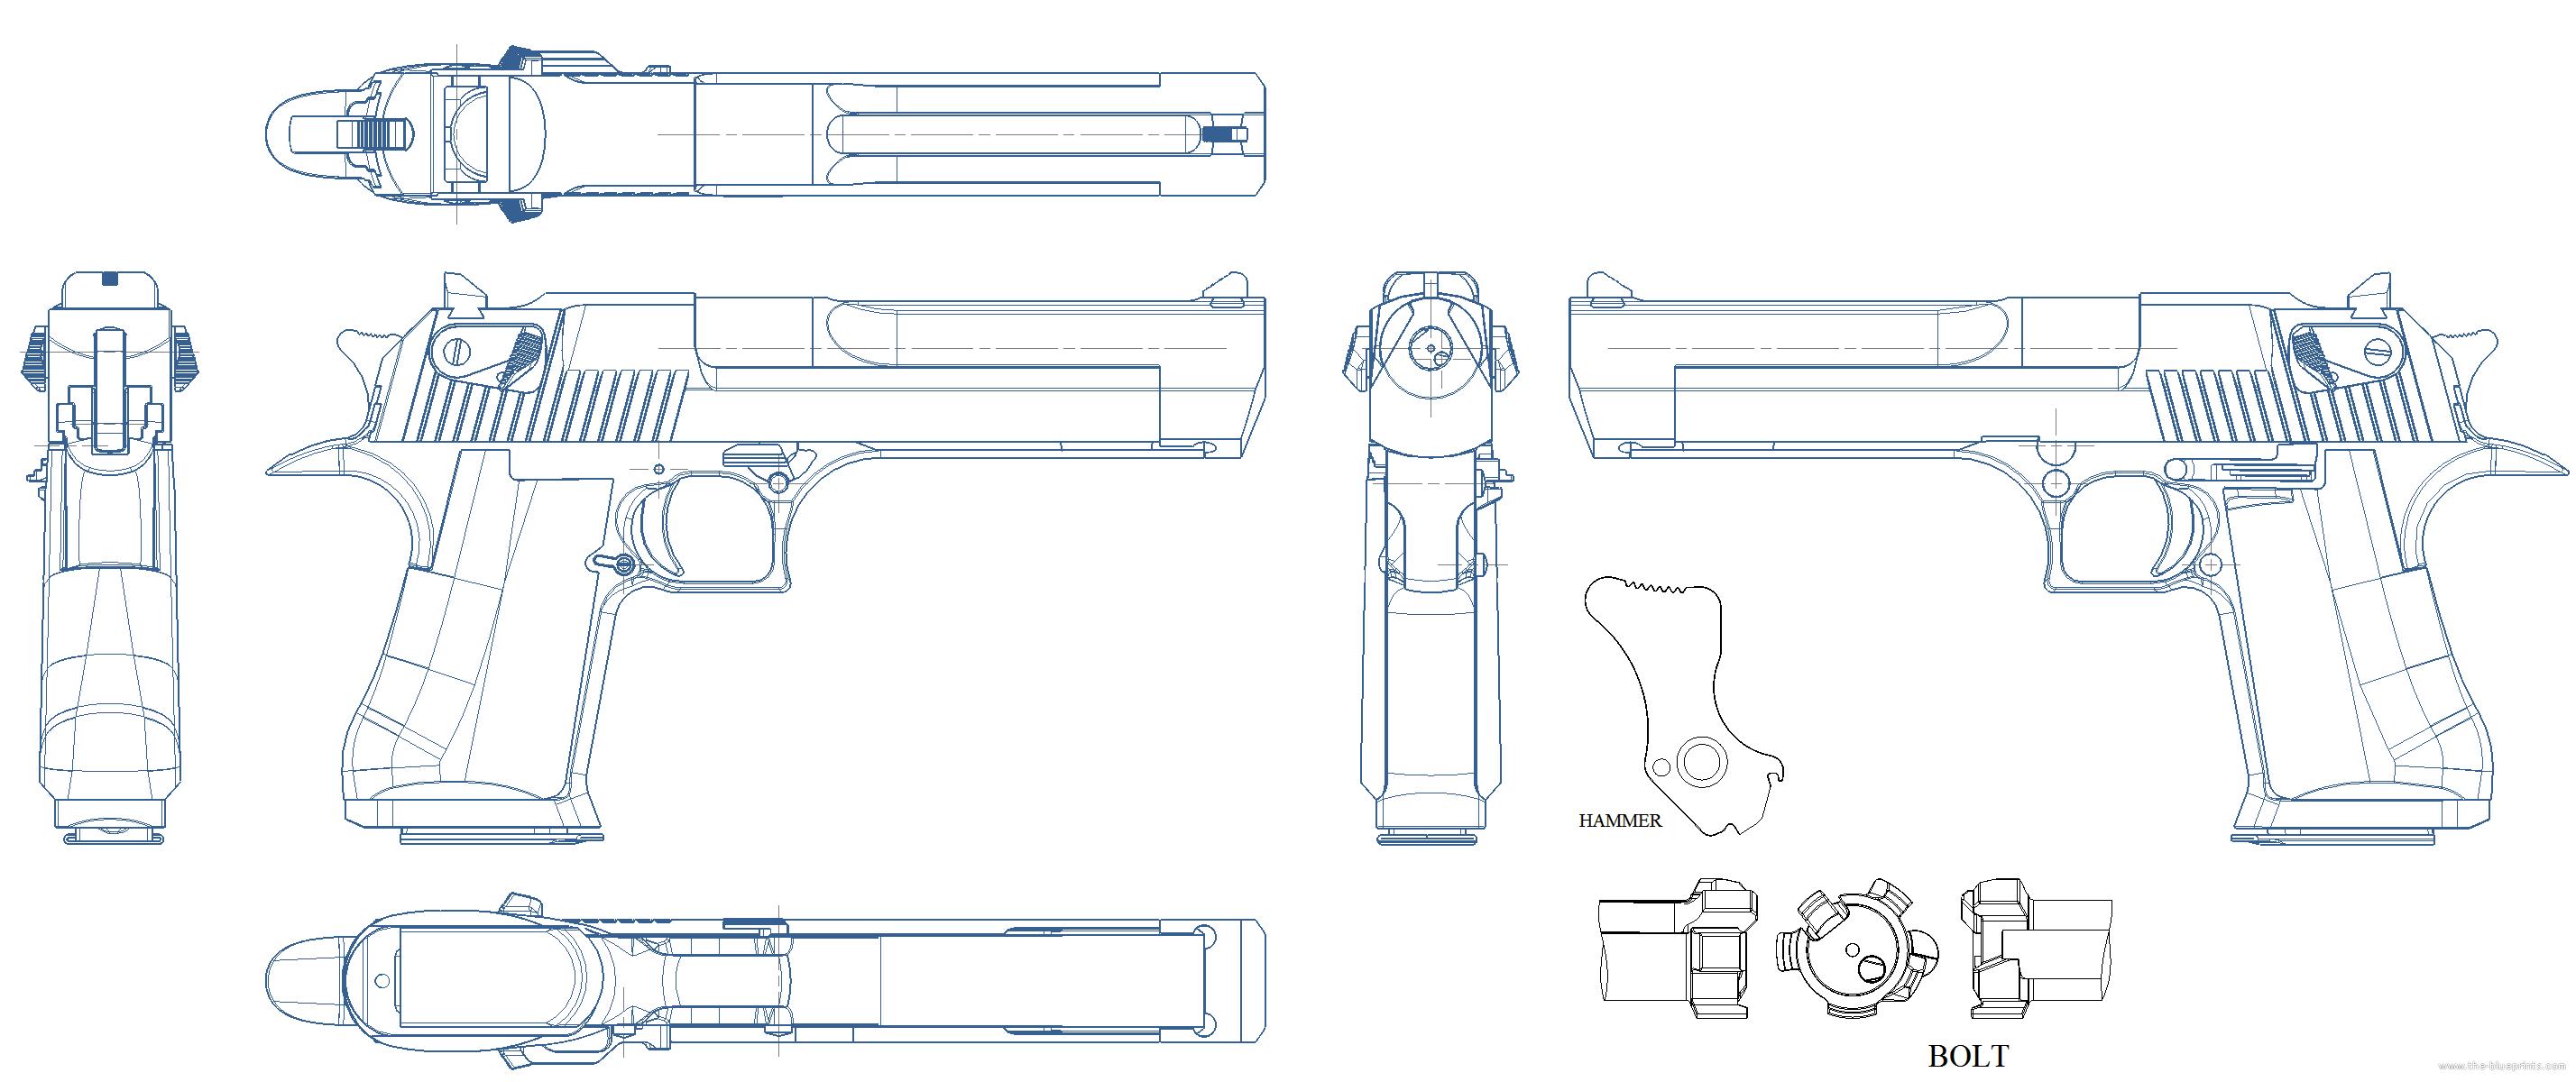 Blueprints weapons pistols desert eagle 44 magnum mk7 desert eagle 44 magnum mk7 malvernweather Choice Image